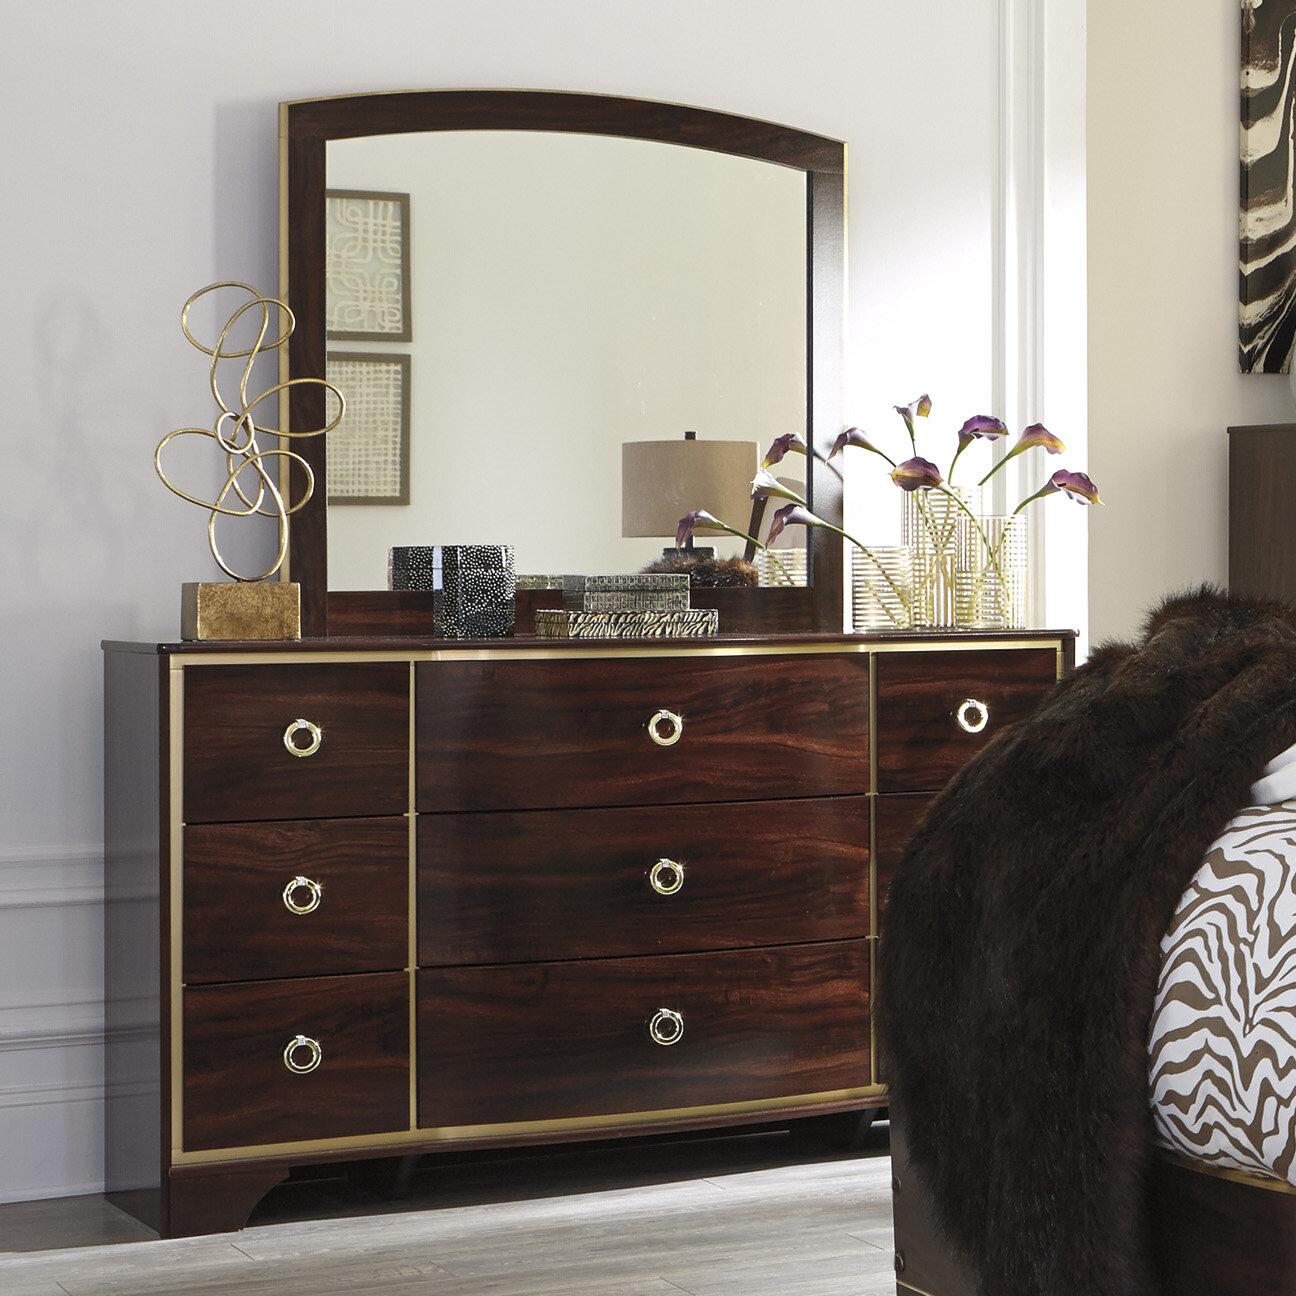 Attrayant Willa Arlo Interiors Bevis 9 Drawer Dresser With Mirror U0026 Reviews   Wayfair